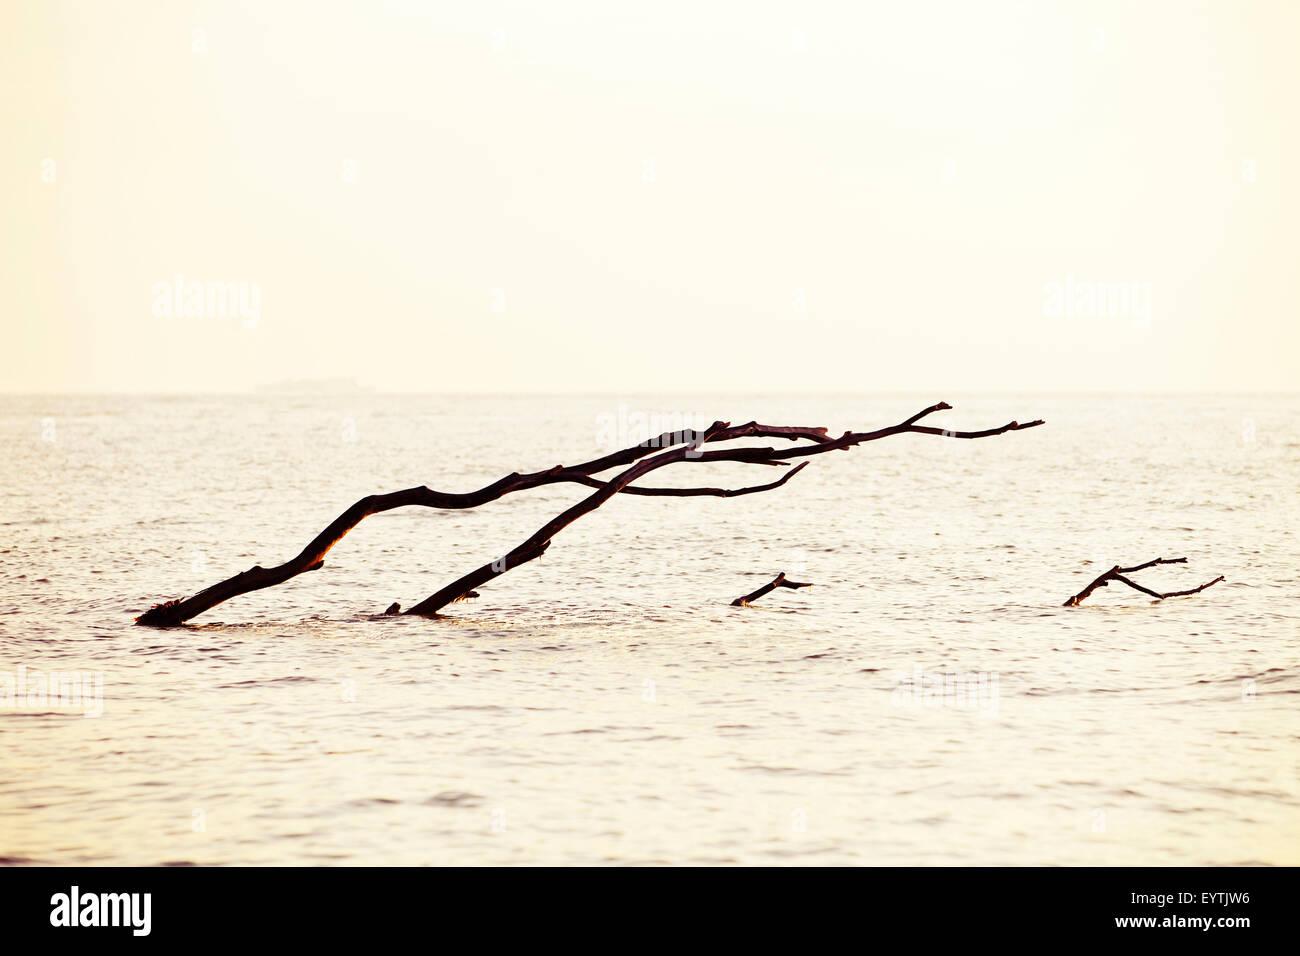 Albero a mare supina, nave passeggeri presso Horizon Immagini Stock